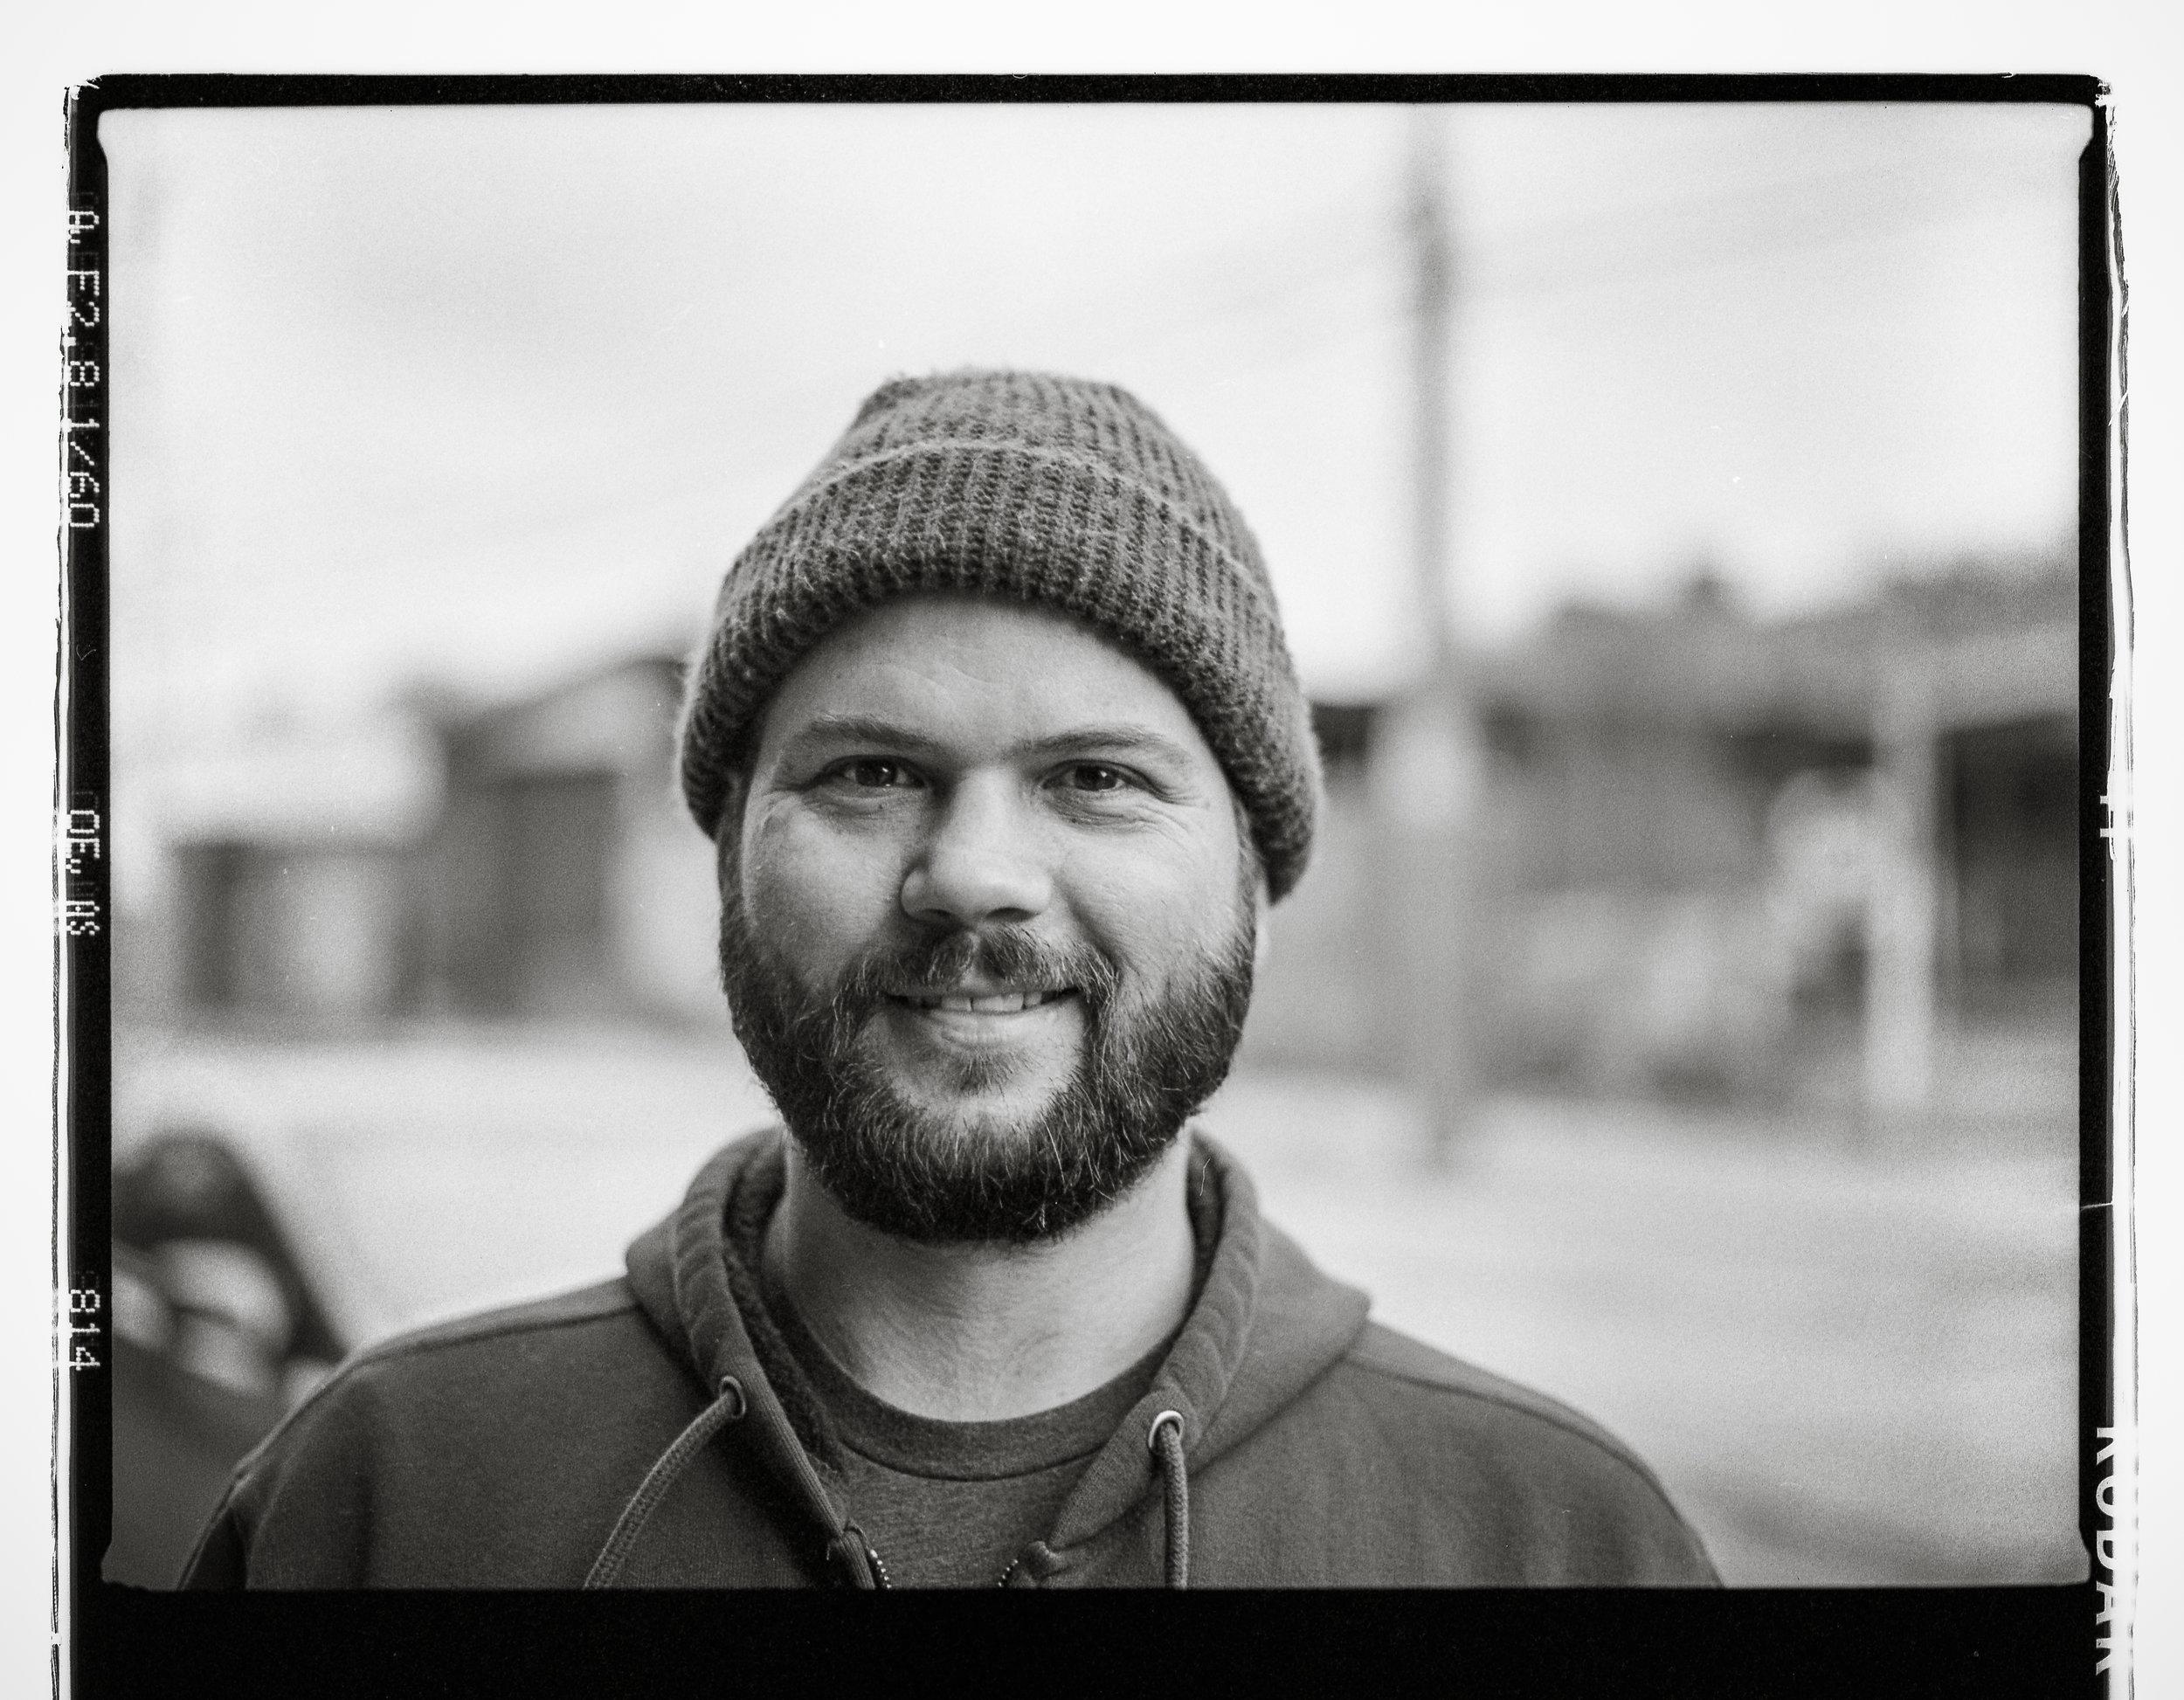 2018.02.25 Burly Matt Gibeaut (1 of 2).jpg